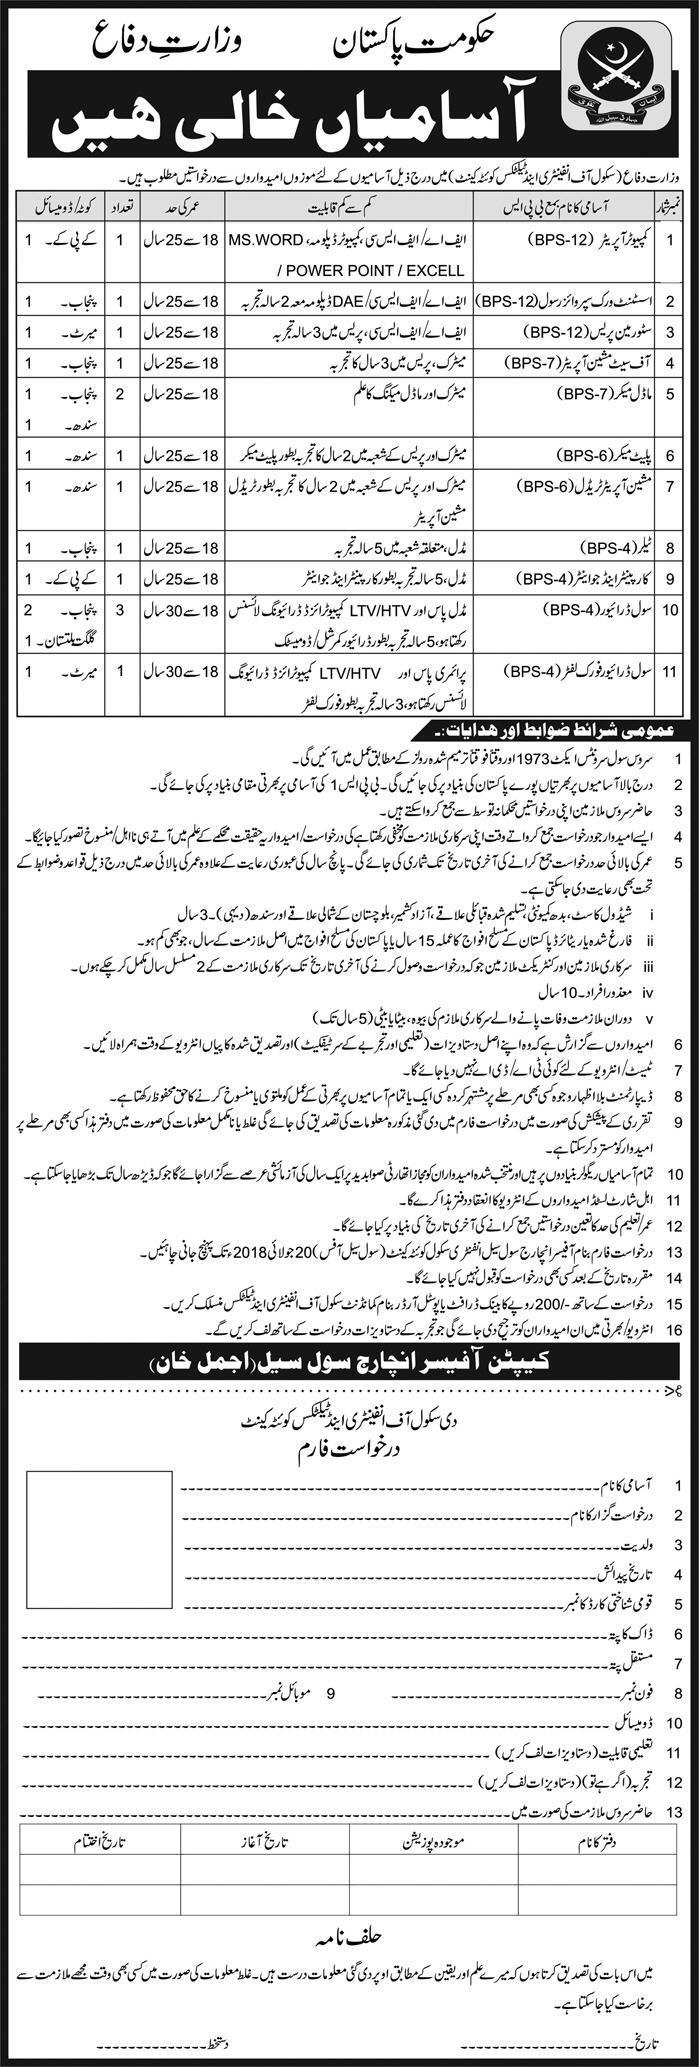 School of Infantry & Tactics Quetta Jobs July 2018